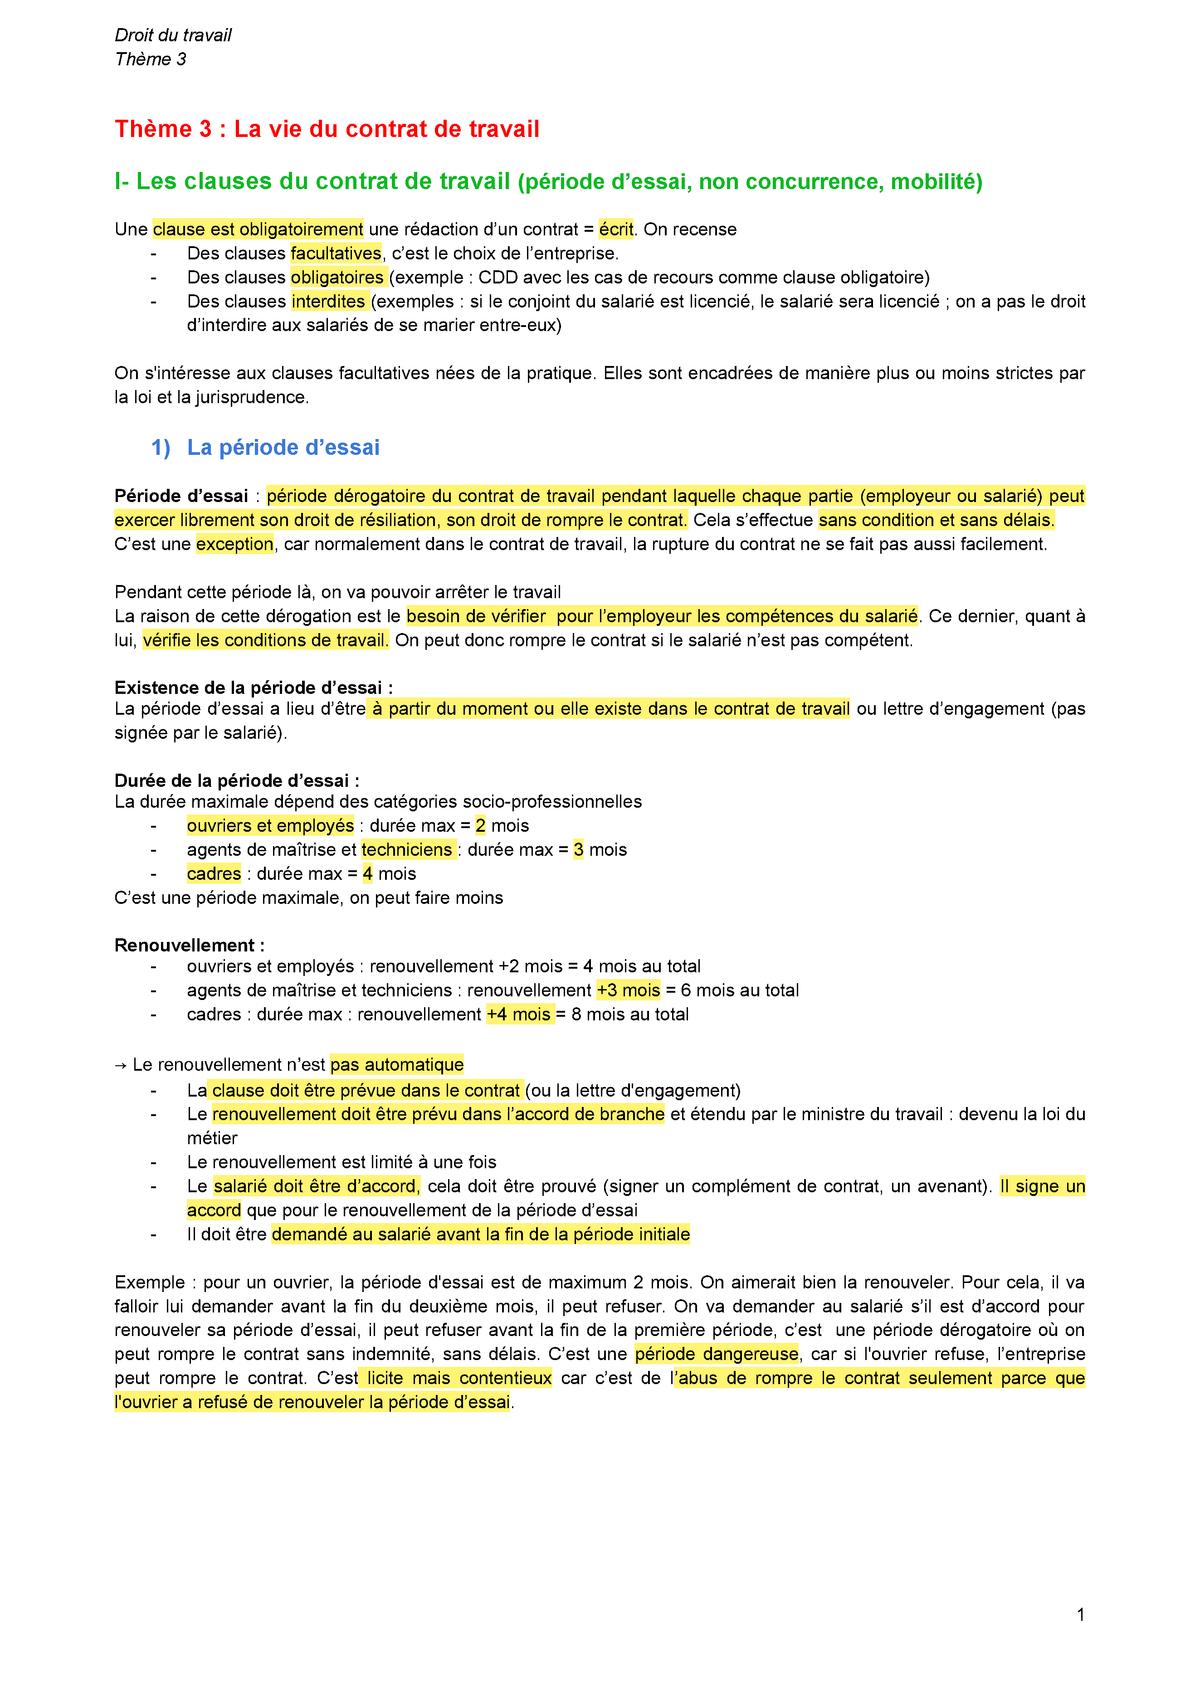 Theme 3 Notes De Cours 4 Droit Du Travail 1 Studocu